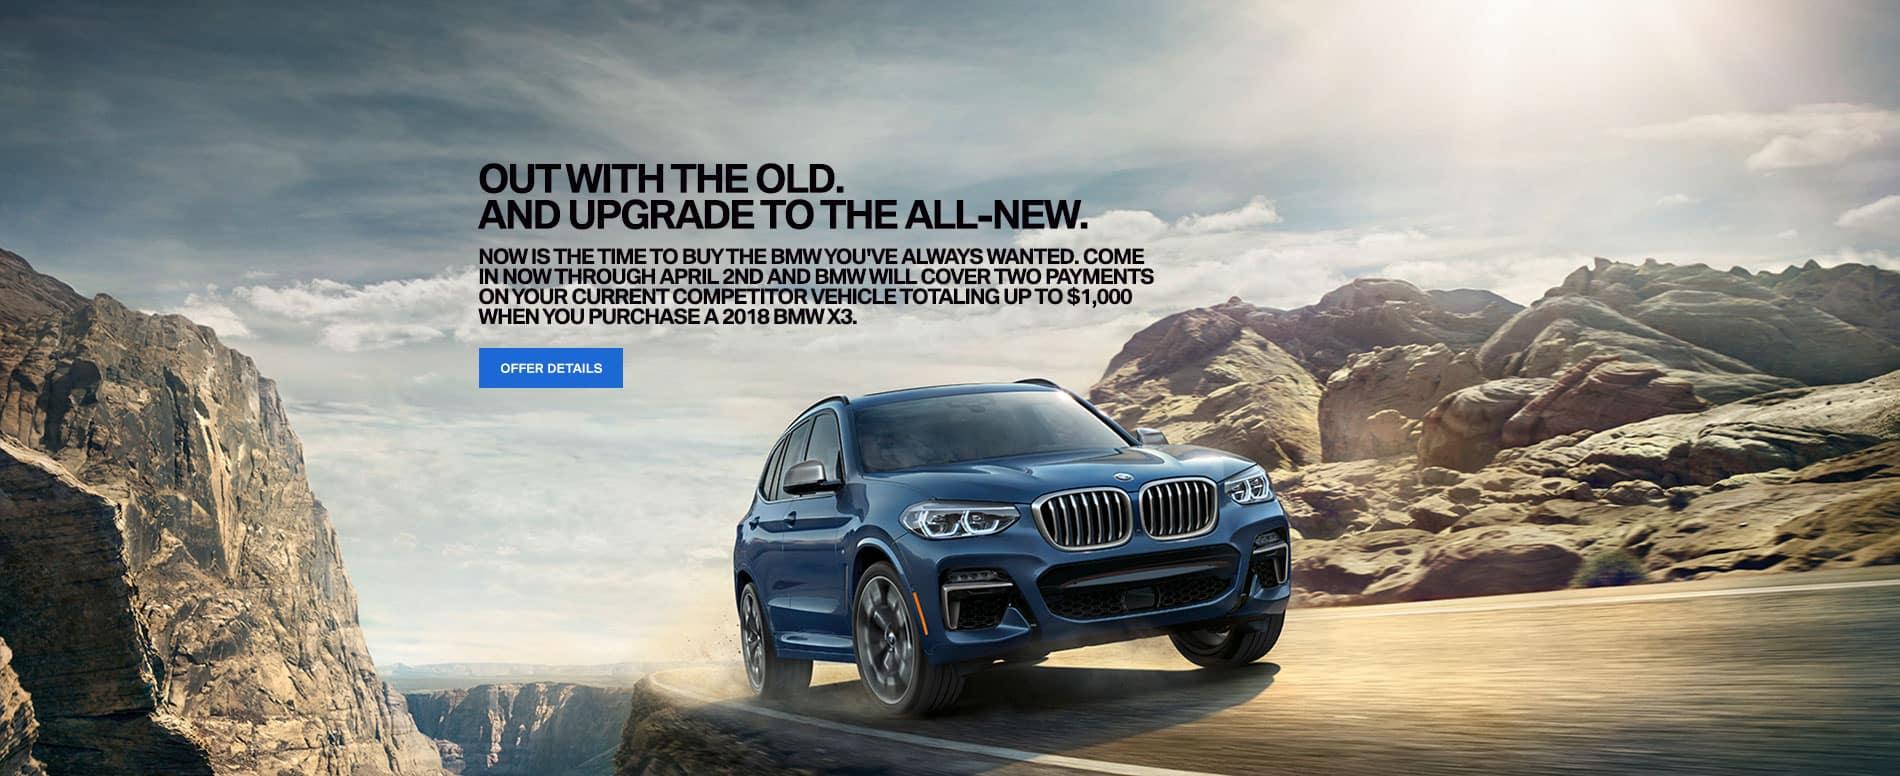 Schomp BMW in Highlands Ranch, CO   Luxury Auto Dealer